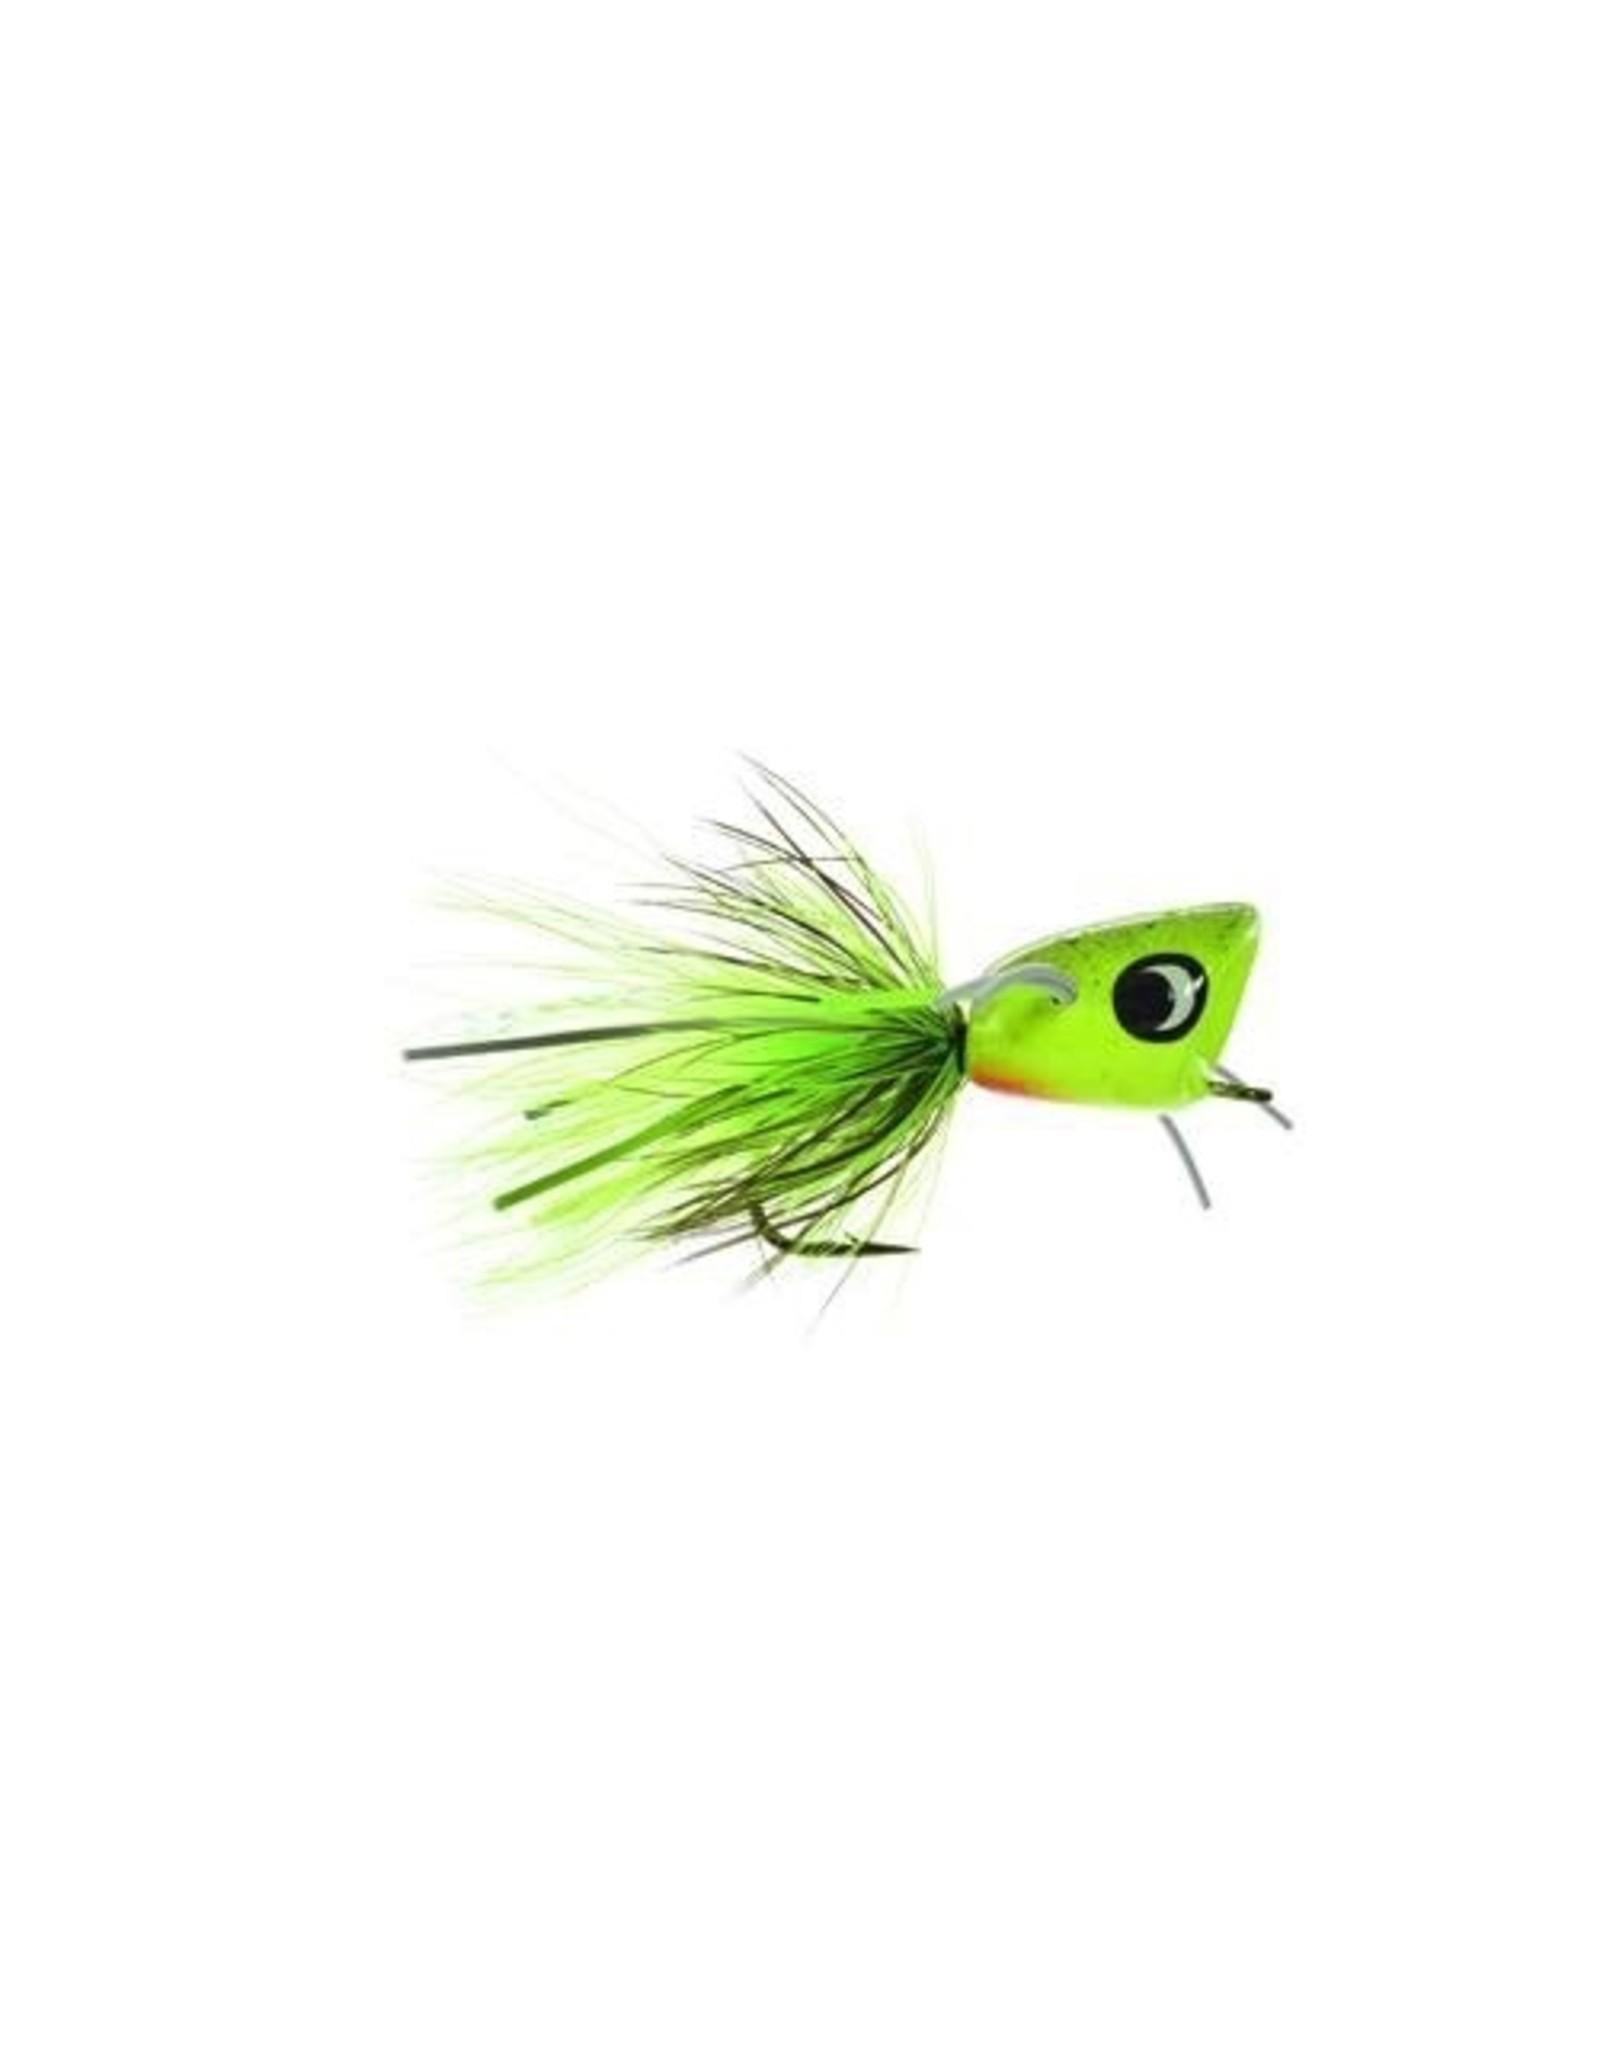 Umpqua Bass Popper Green Splatter (1 Pack) 10